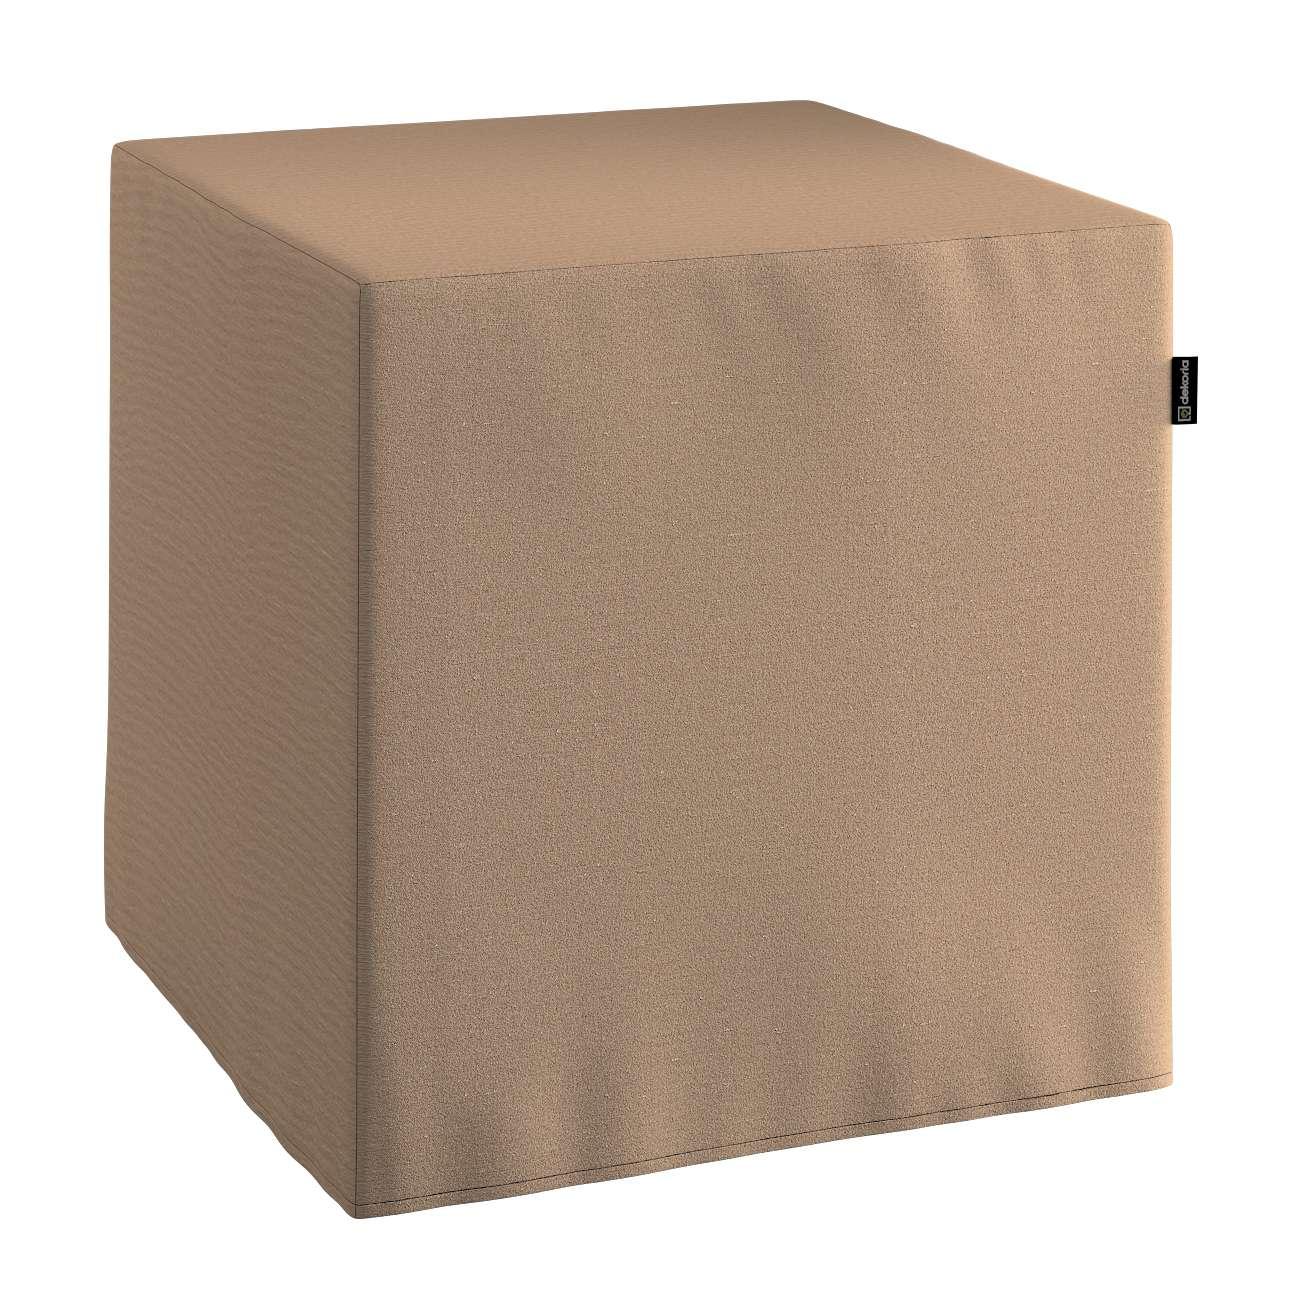 Pokrowiec na pufę kostke kostka 40x40x40 cm w kolekcji Quadro, tkanina: 136-09